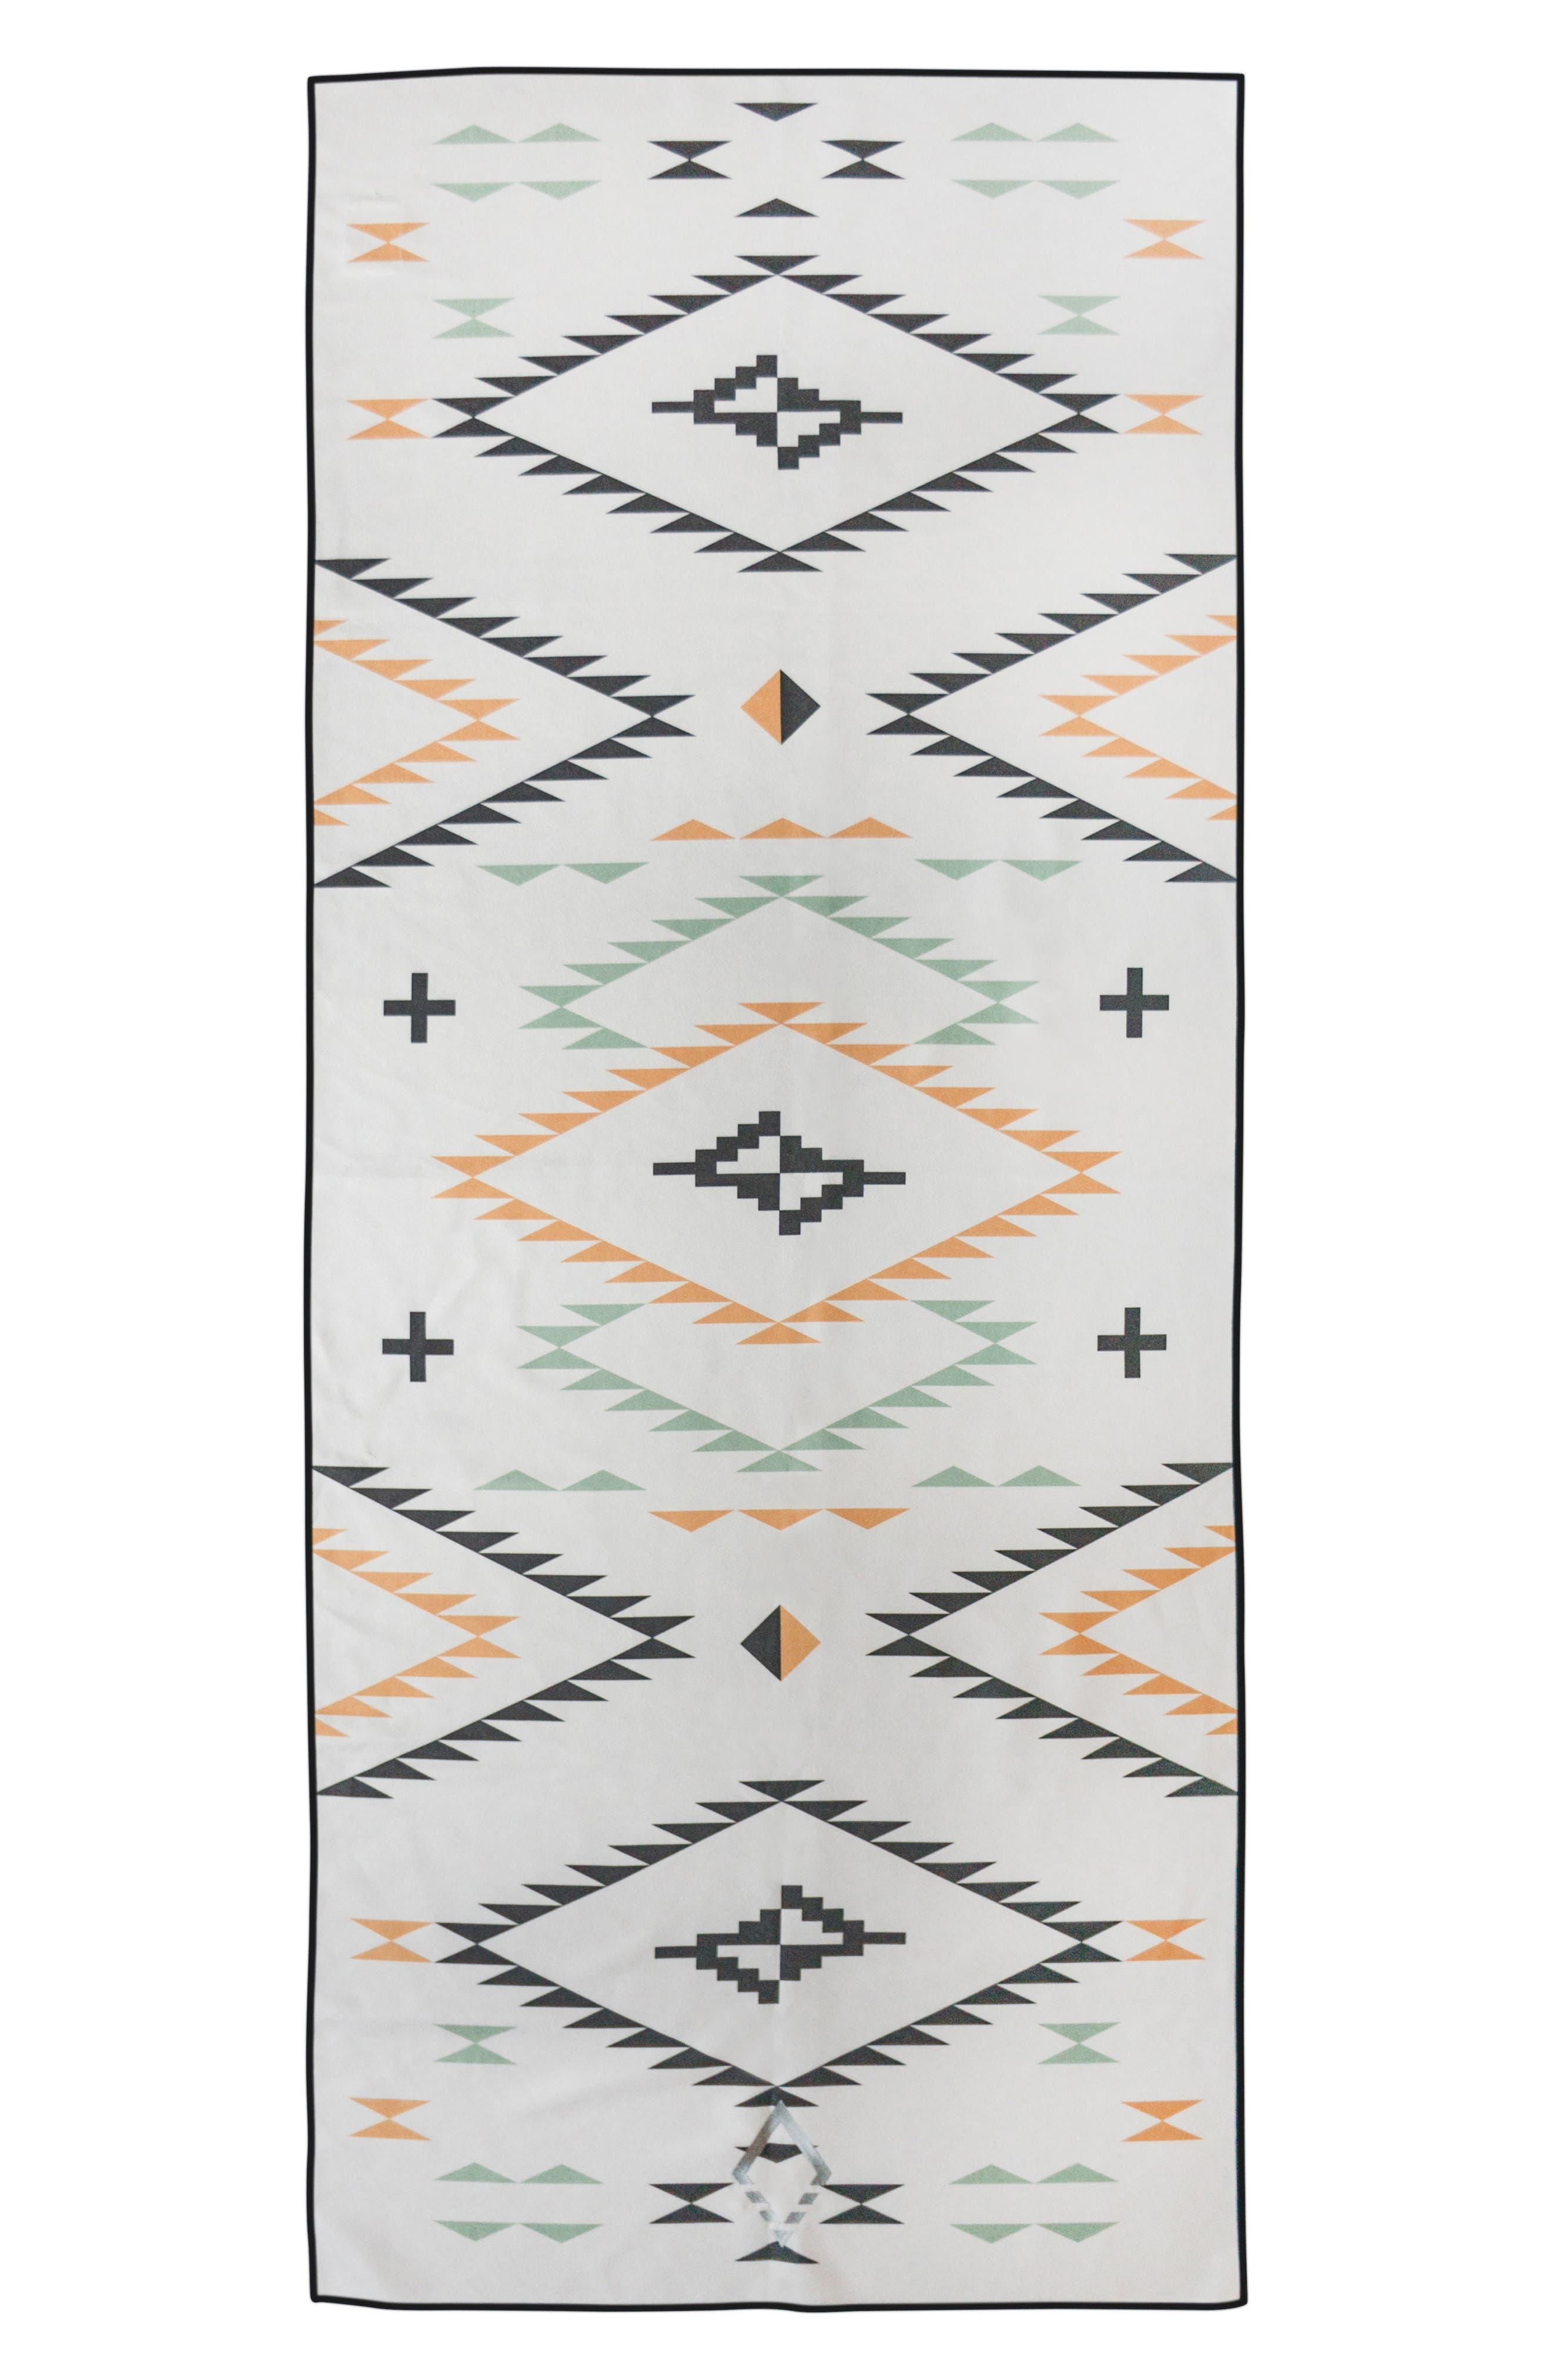 Nomadix West Yoga Towel